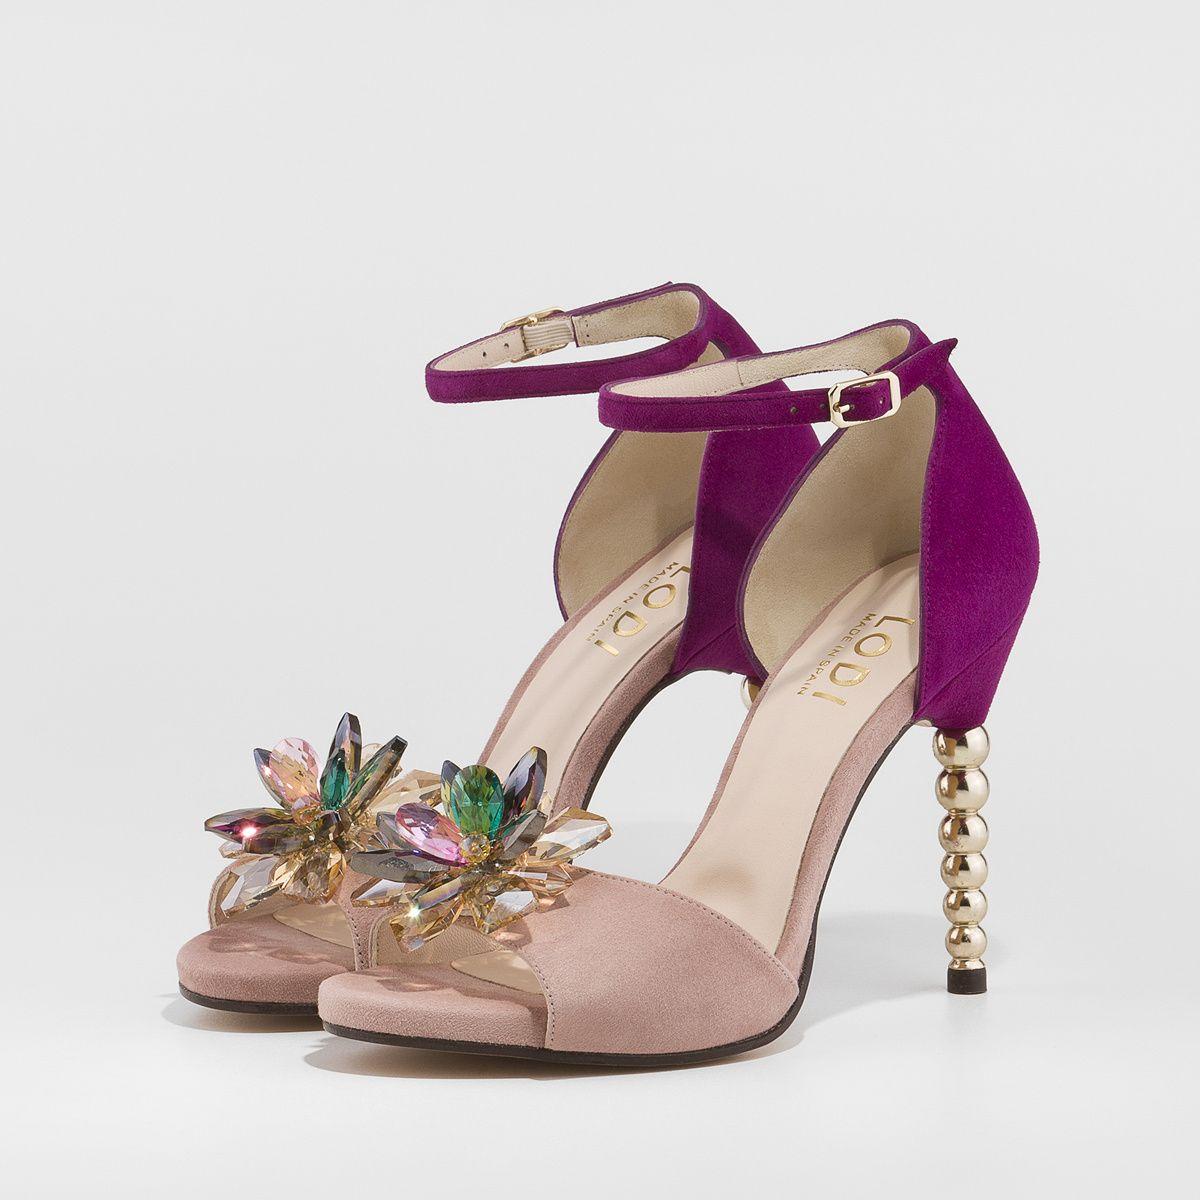 22021202 Sandalia Yuyal en ante de color morado y rosado y detalle de flor  multicolor| LODI